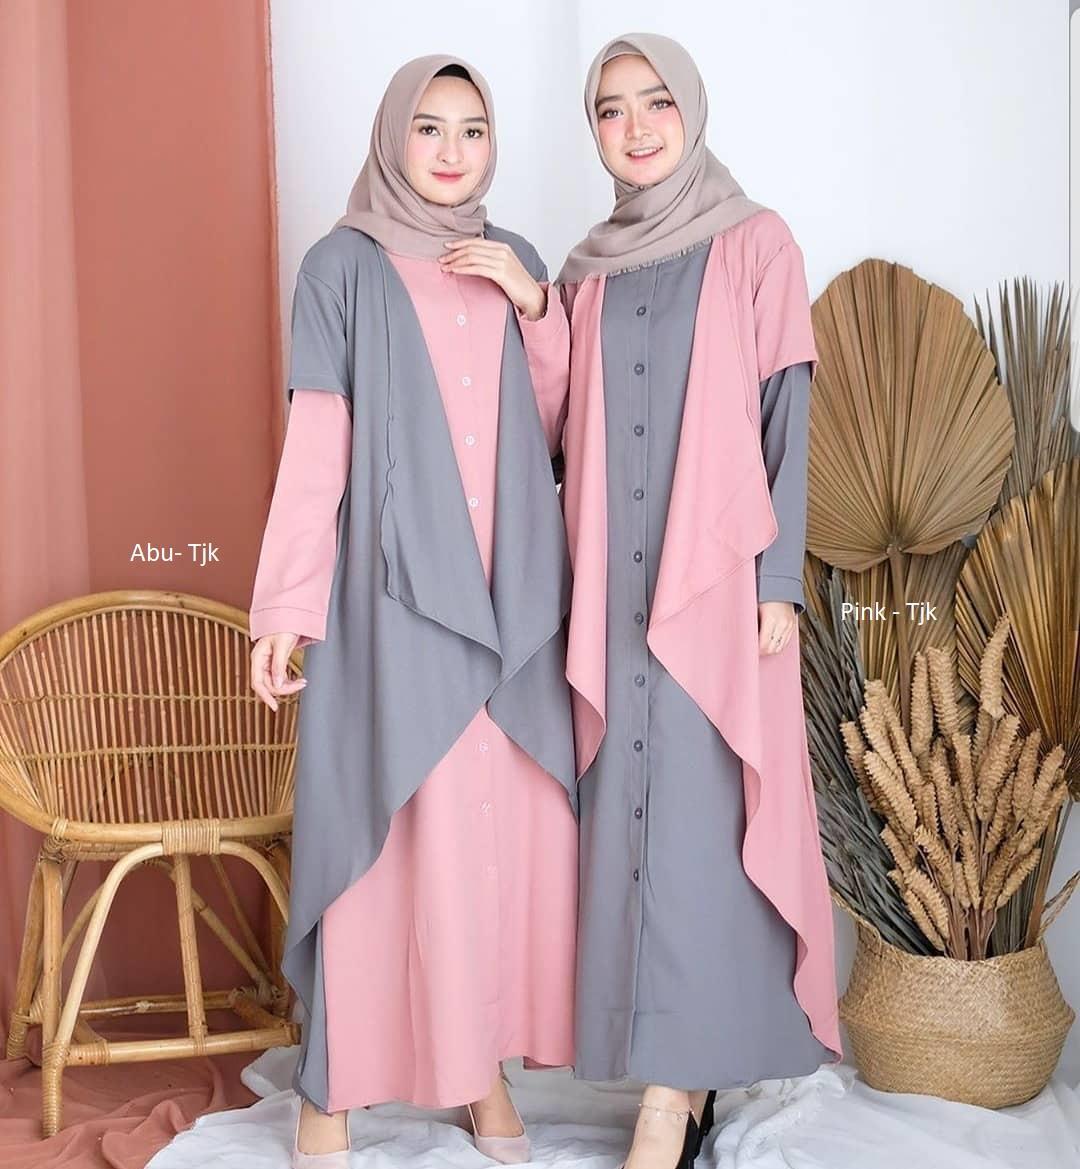 TJK - Baju Gamis Dress Wanita Terbaru Tahun 2019 Gamis Wanita Dress Wanita Dress Muslim Nessa Dress